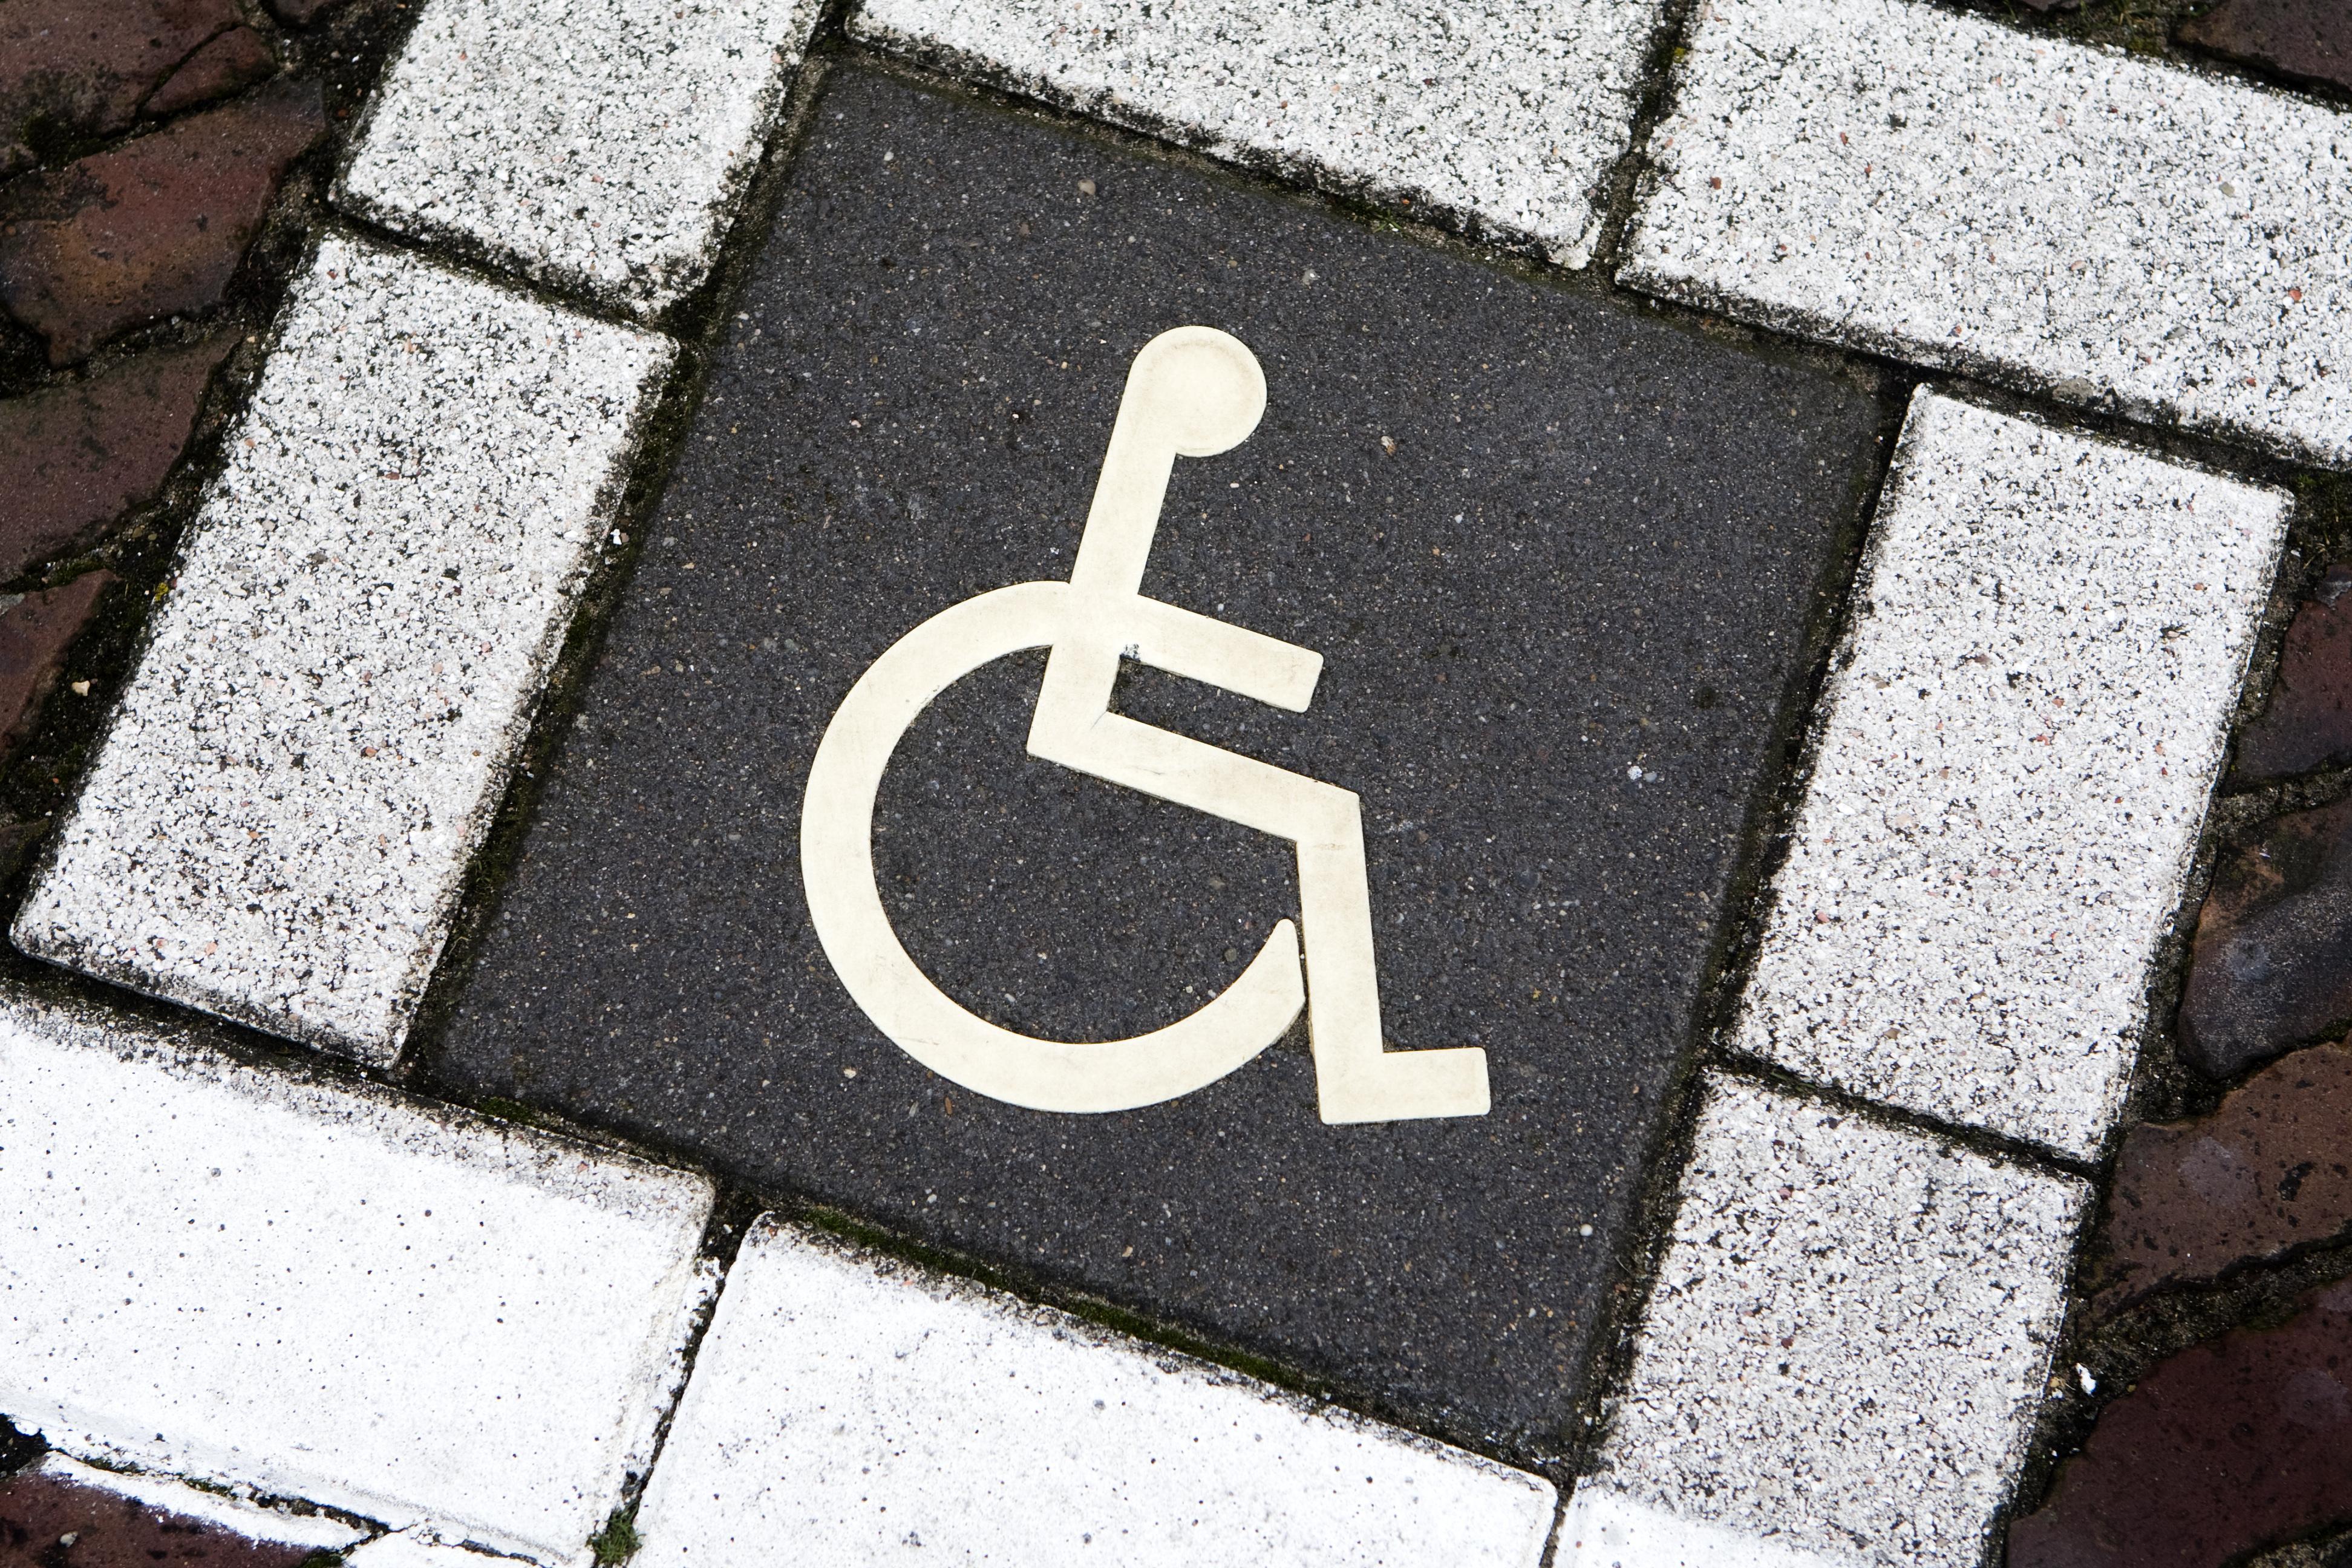 Gehandicapte in Oegstgeest het duurste uit voor parkeerkaart